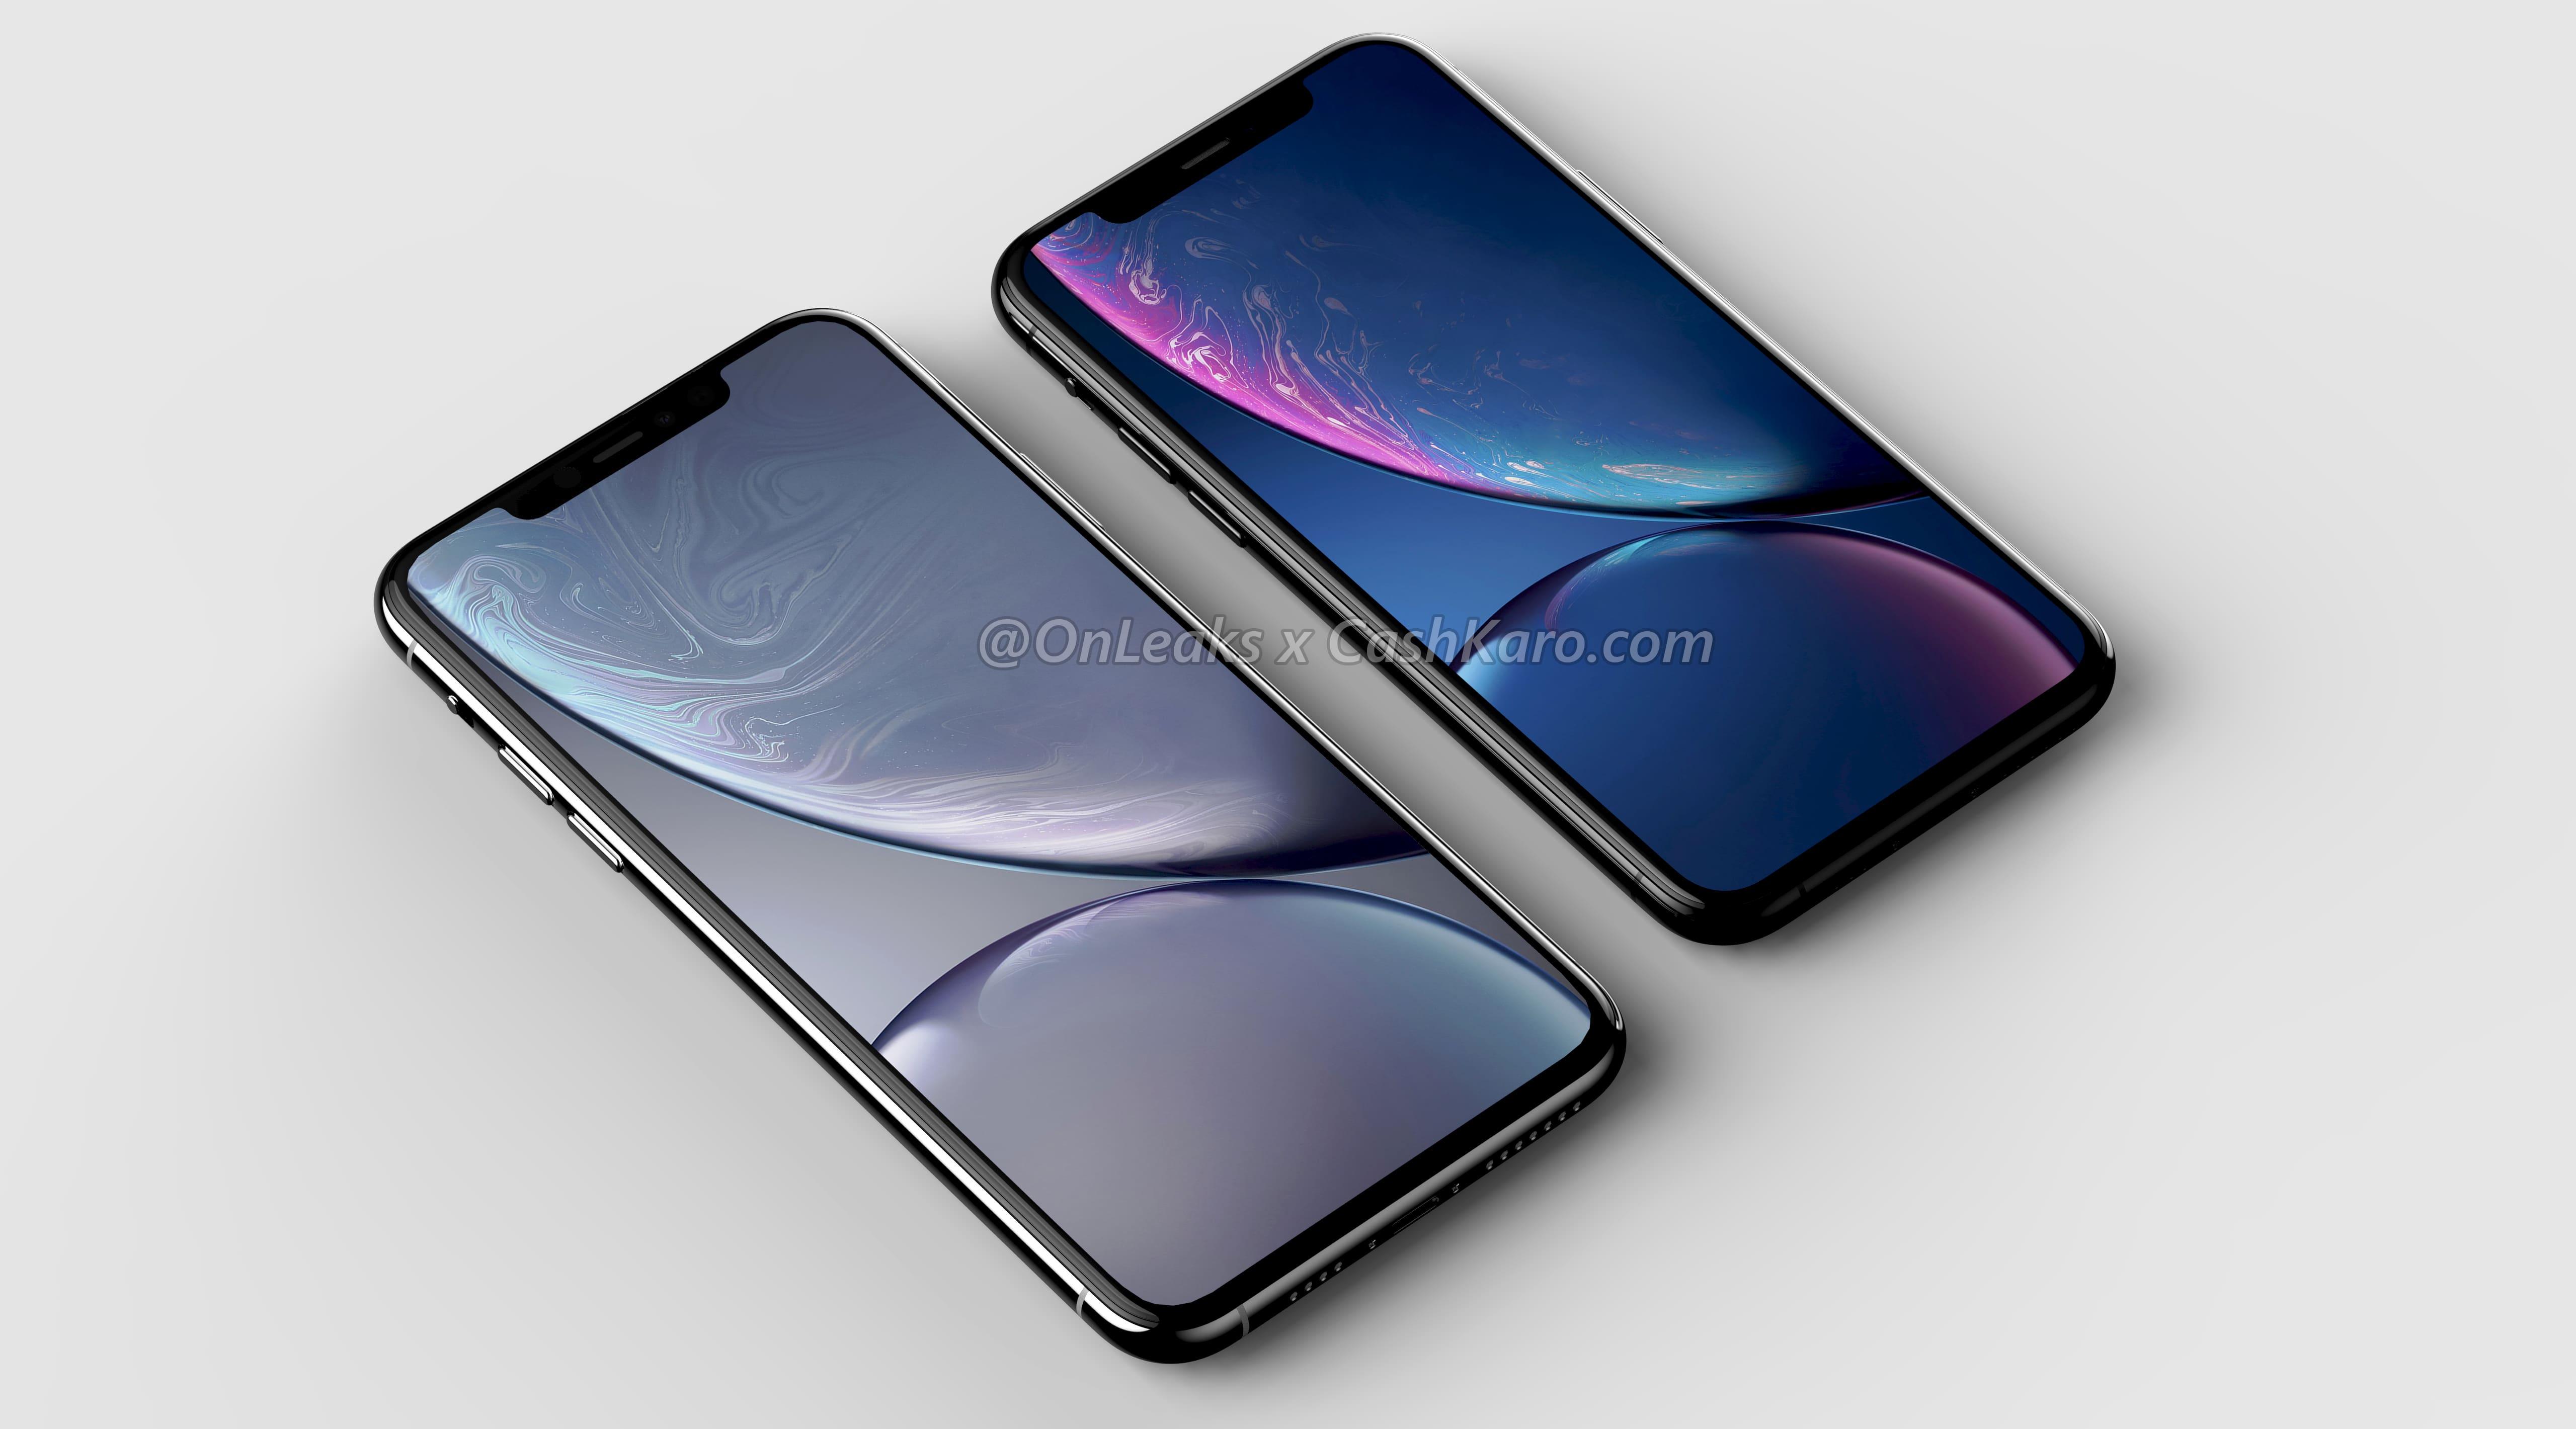 Apple iPhone 2019 Max rendery Onleaks plotki przecieki kiedy premiera